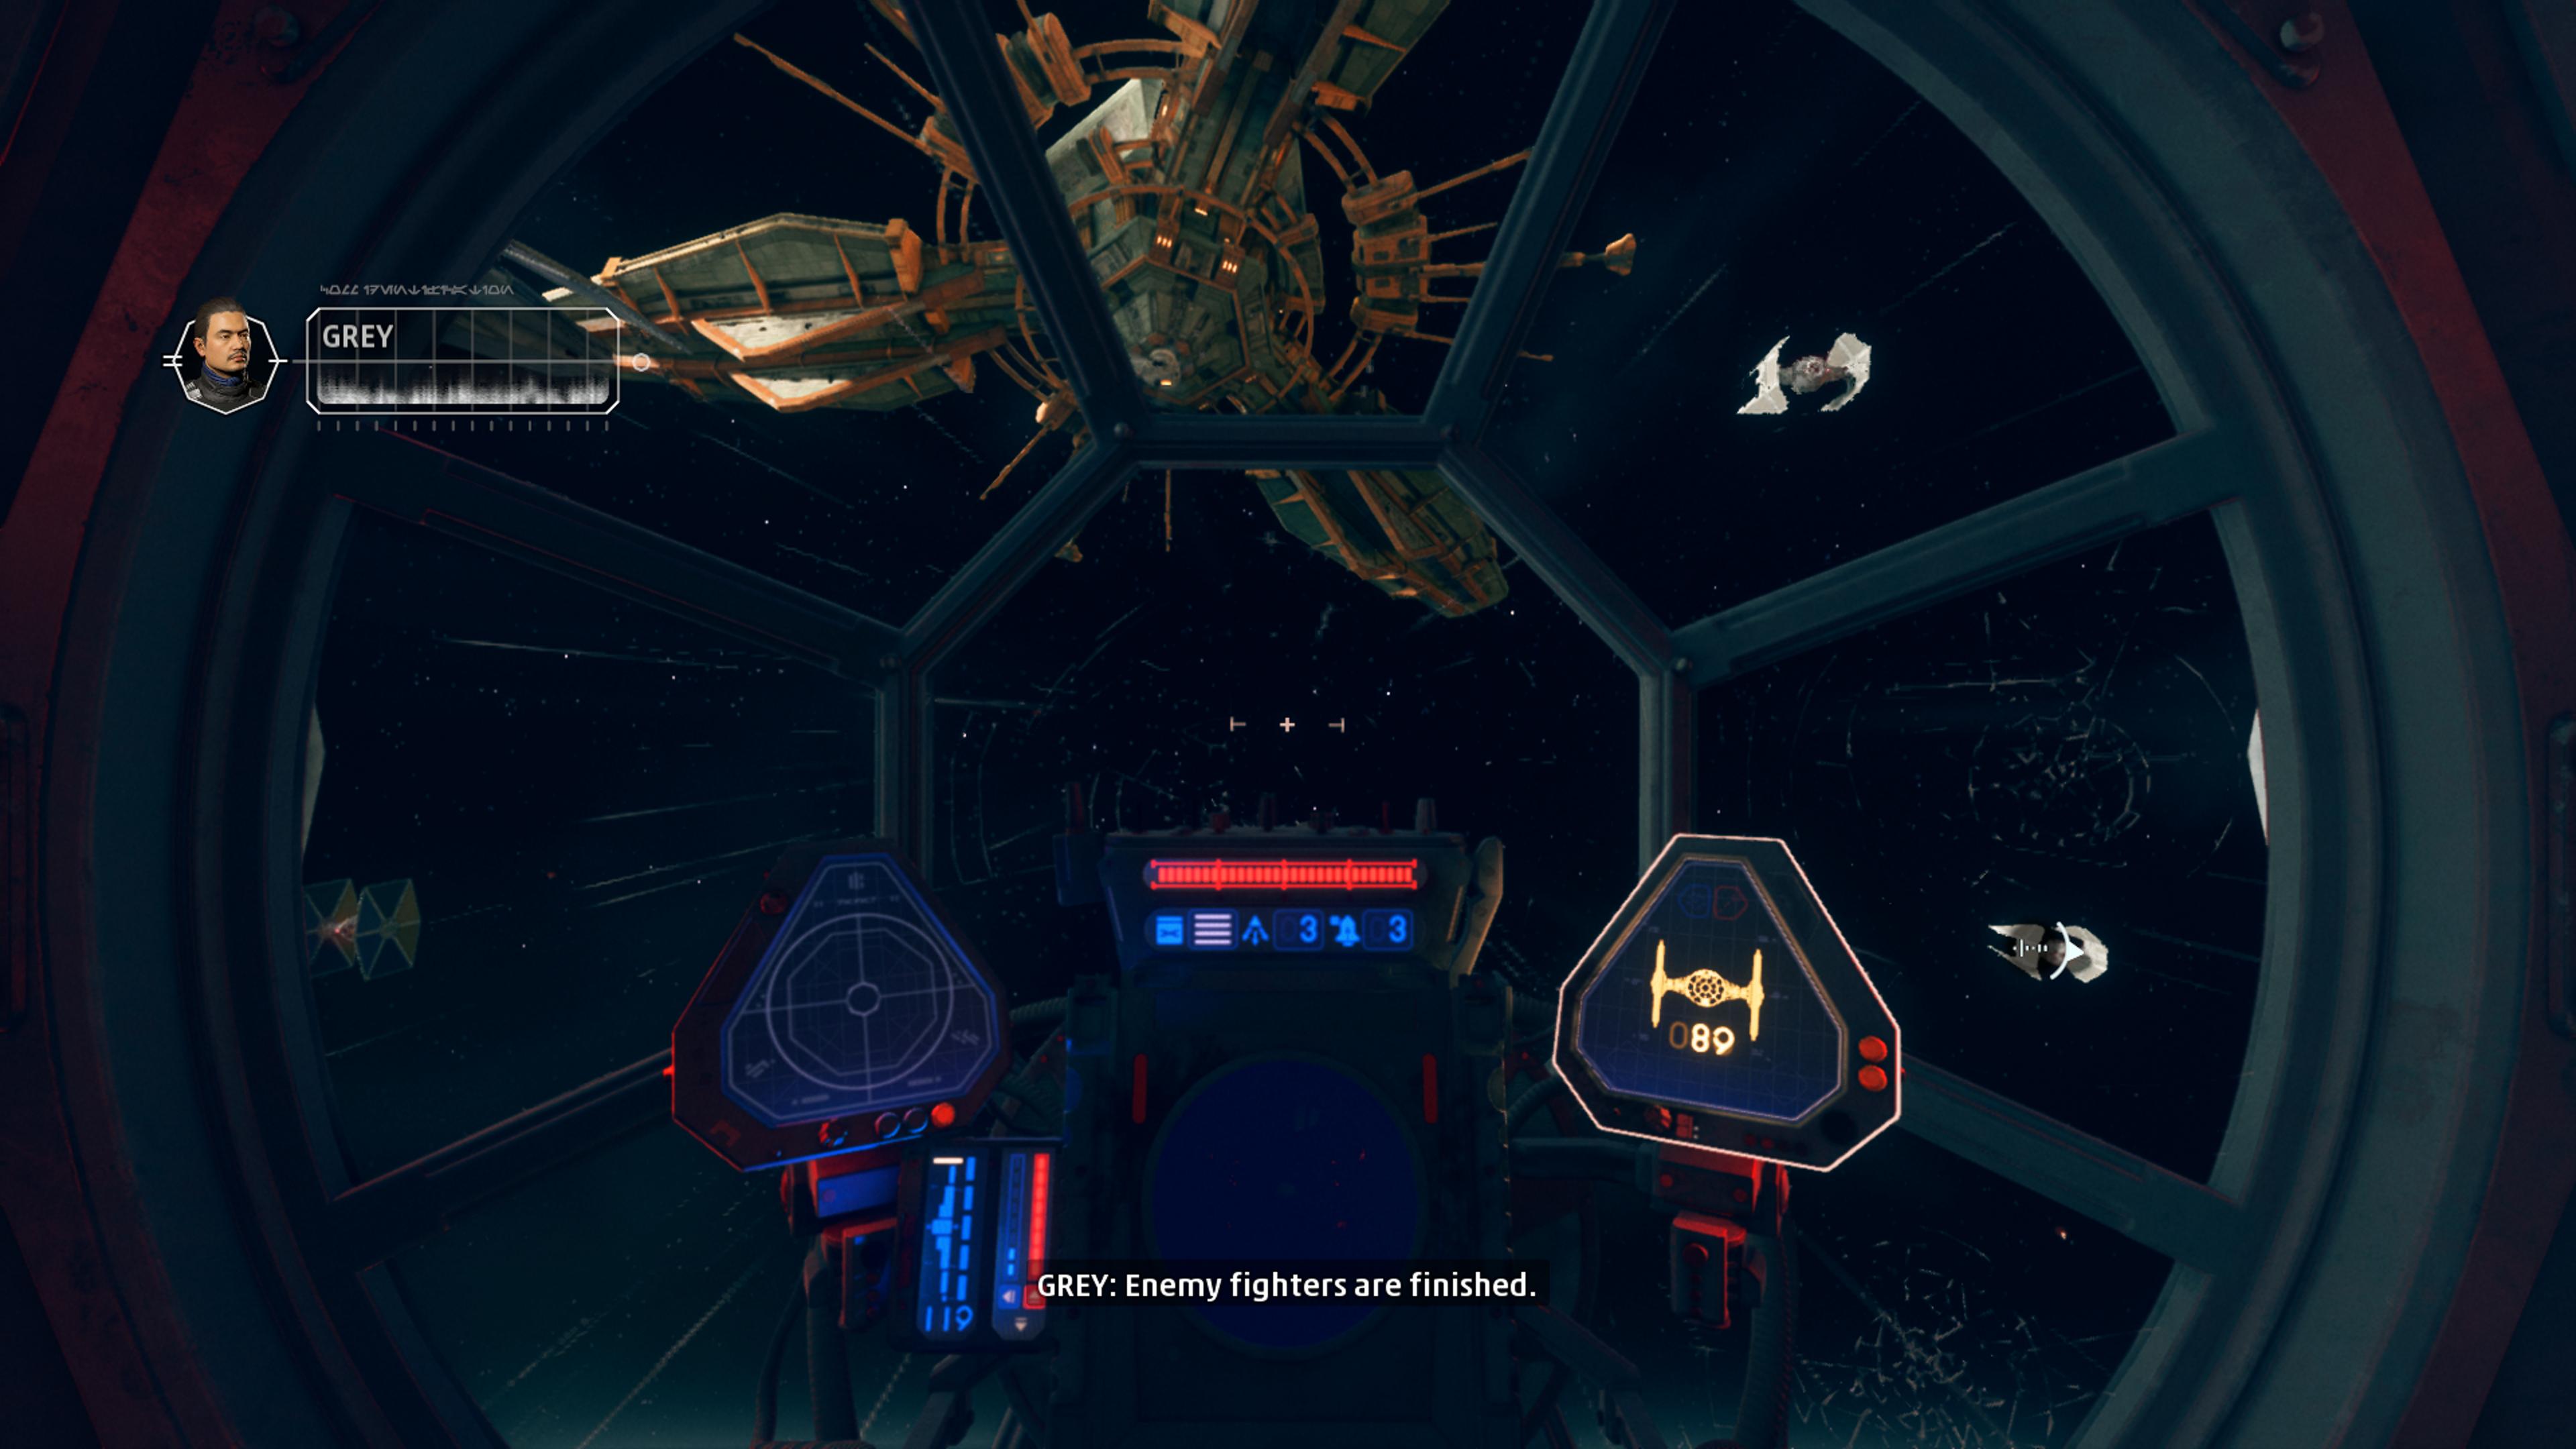 Le jeu offre une immersion presque complète dans l'univers de la célèbre saga cinématographique